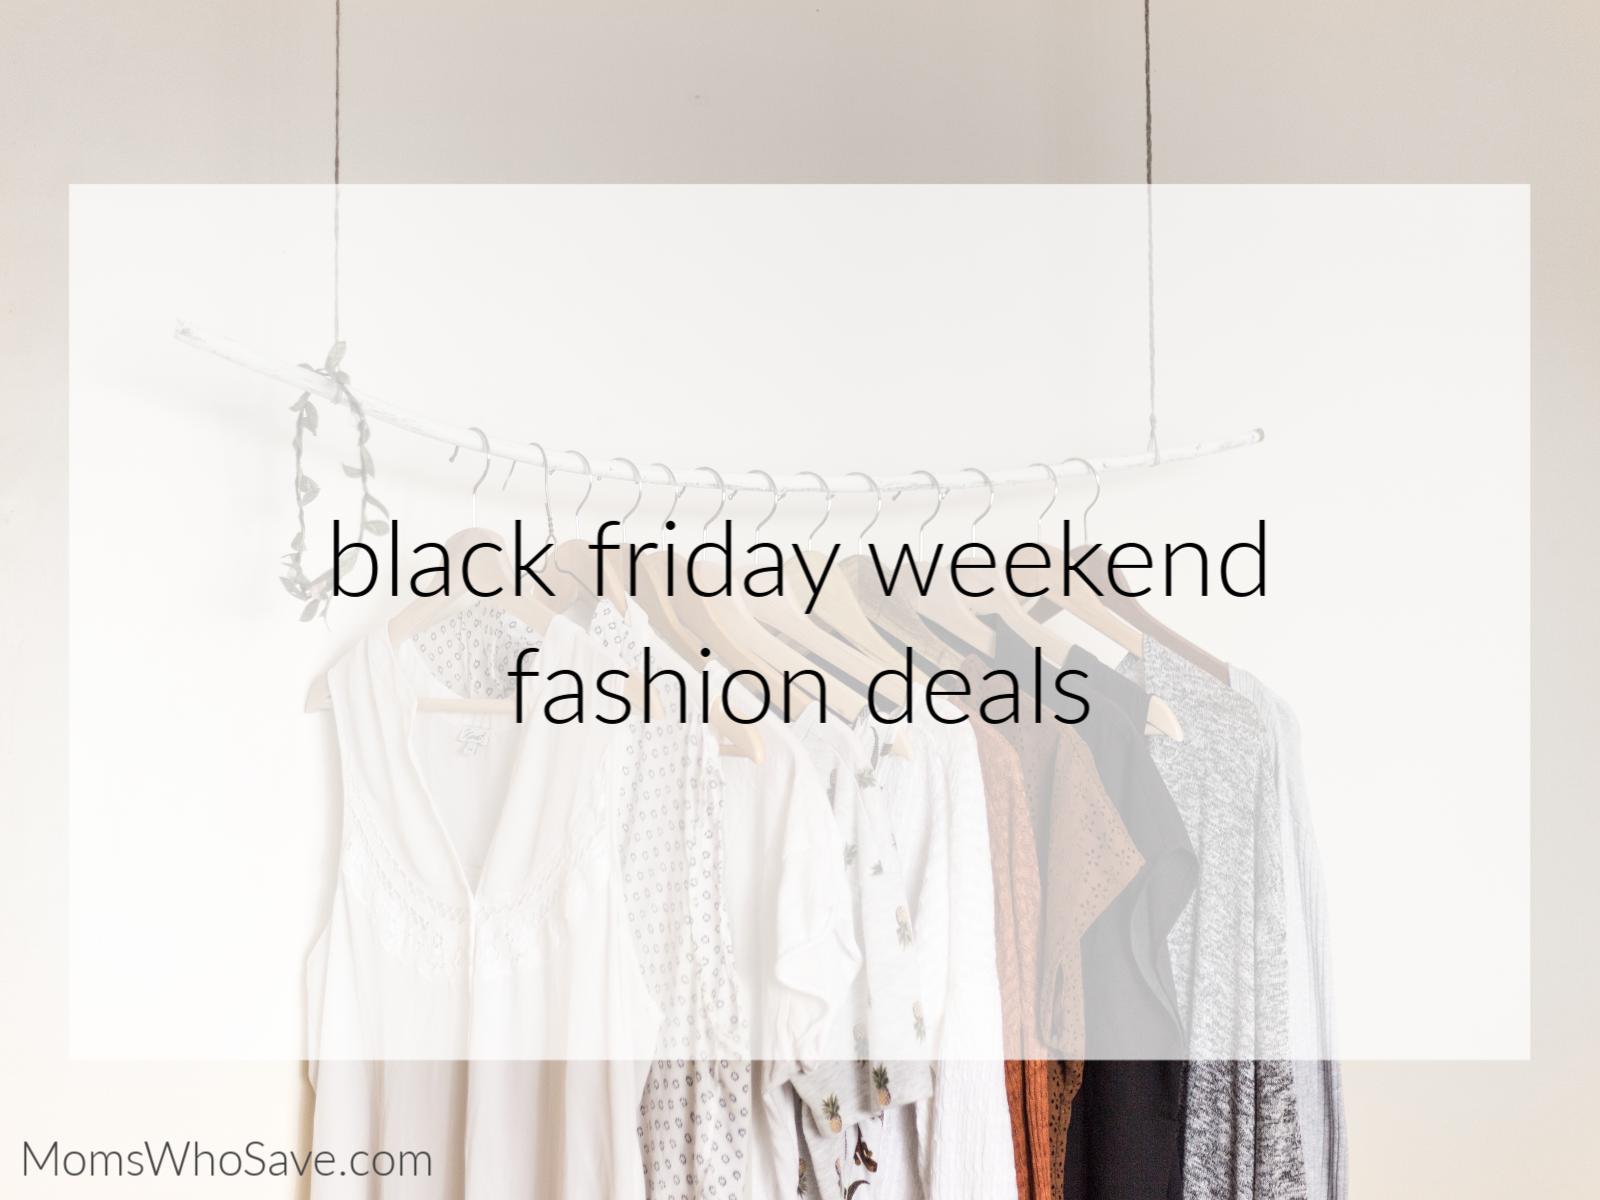 Black Friday fashion deals